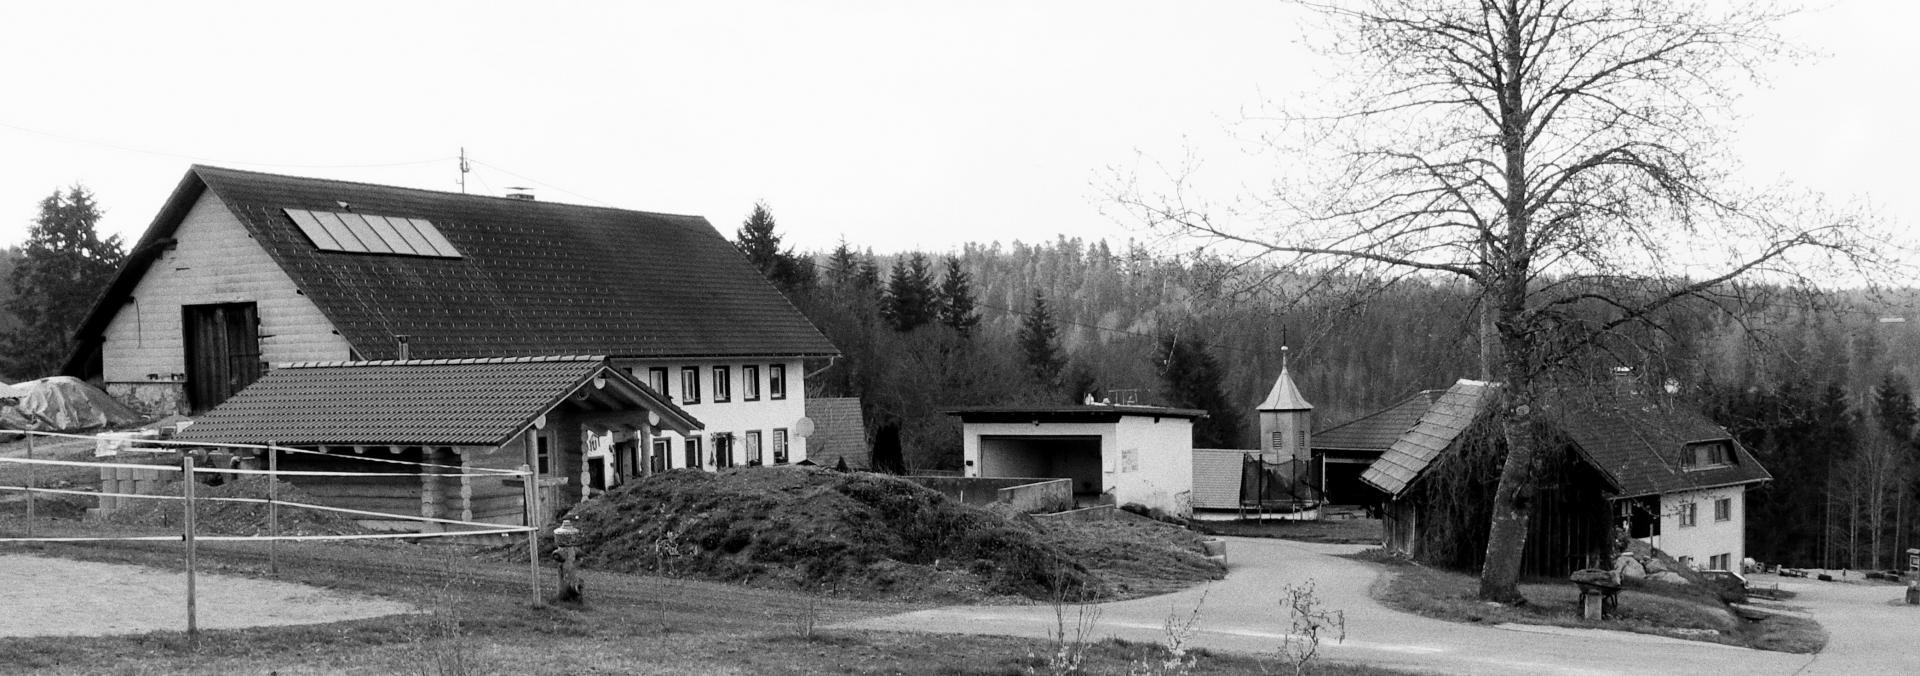 krone-waschhaus